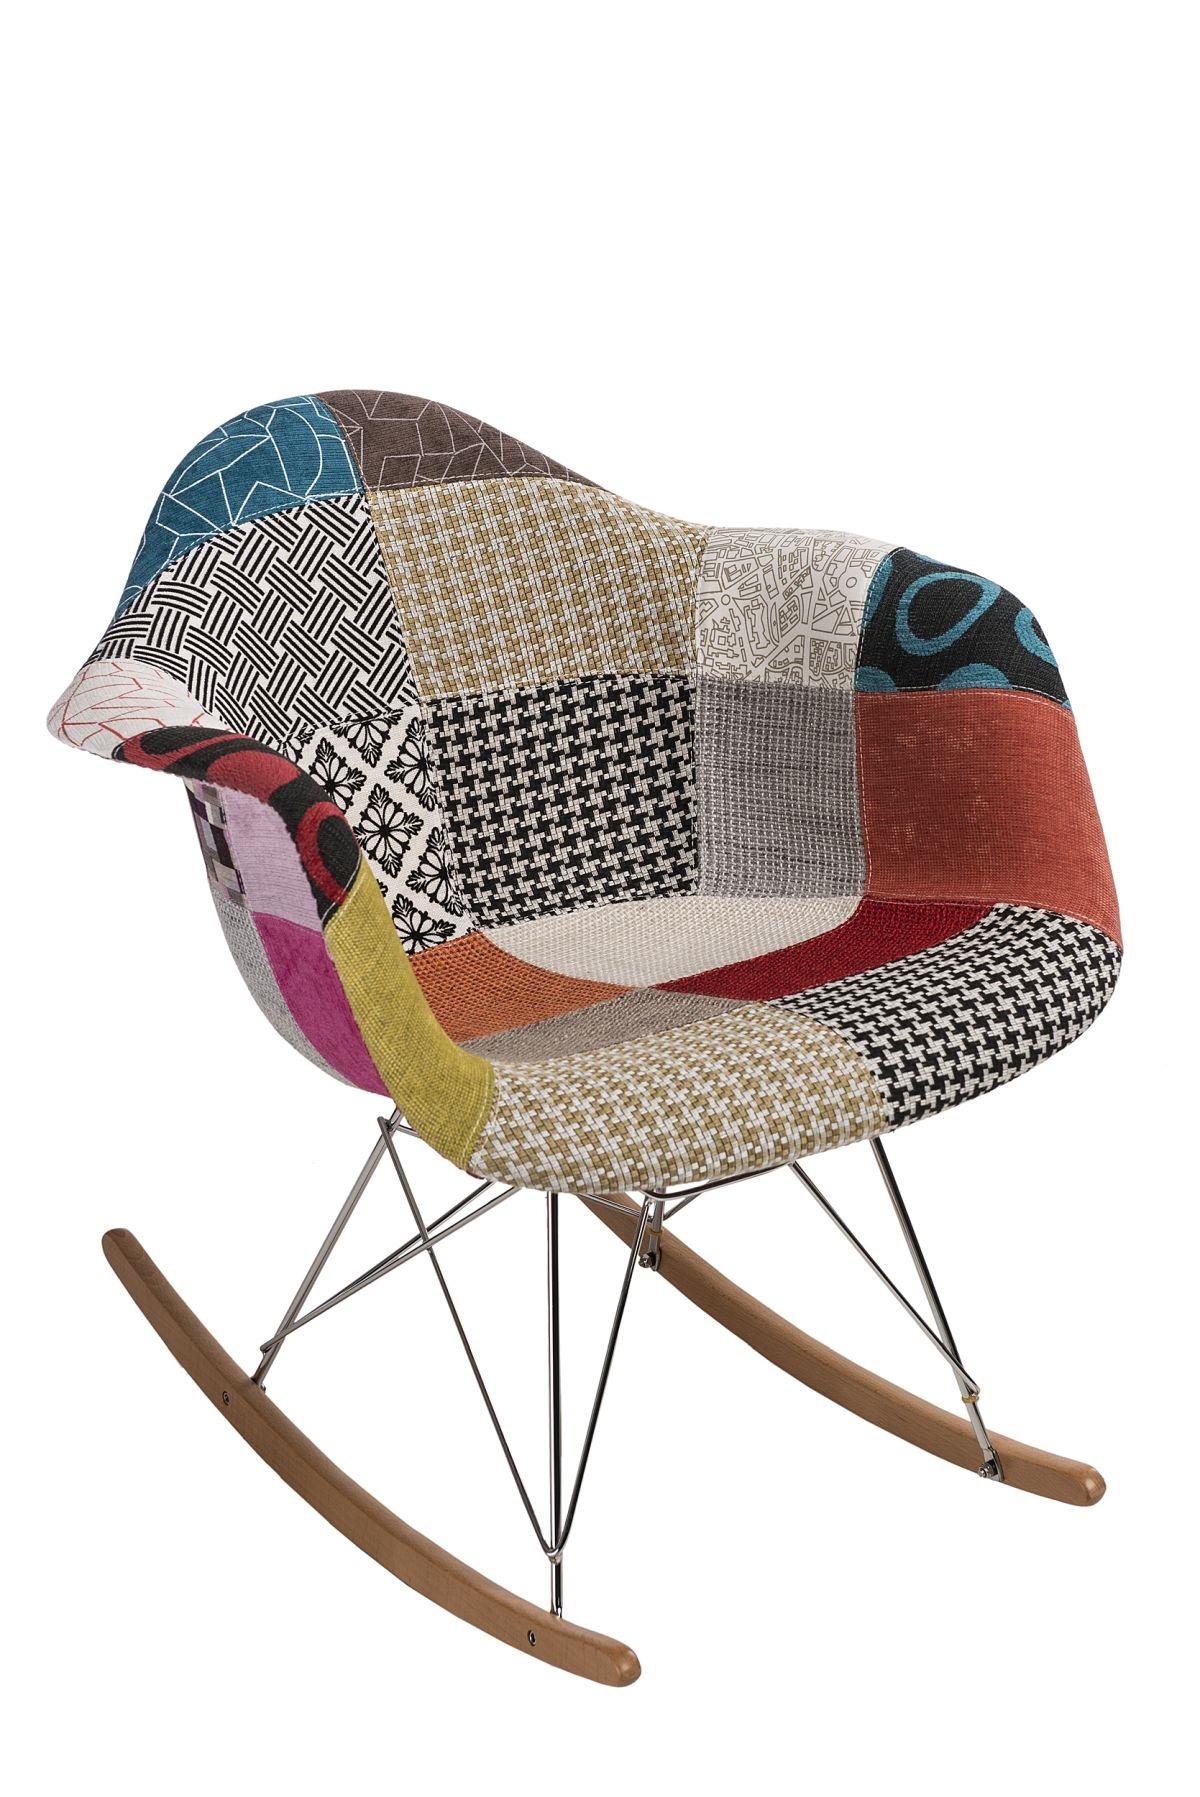 Designové houpací křeslo Blom patchwork, barevná